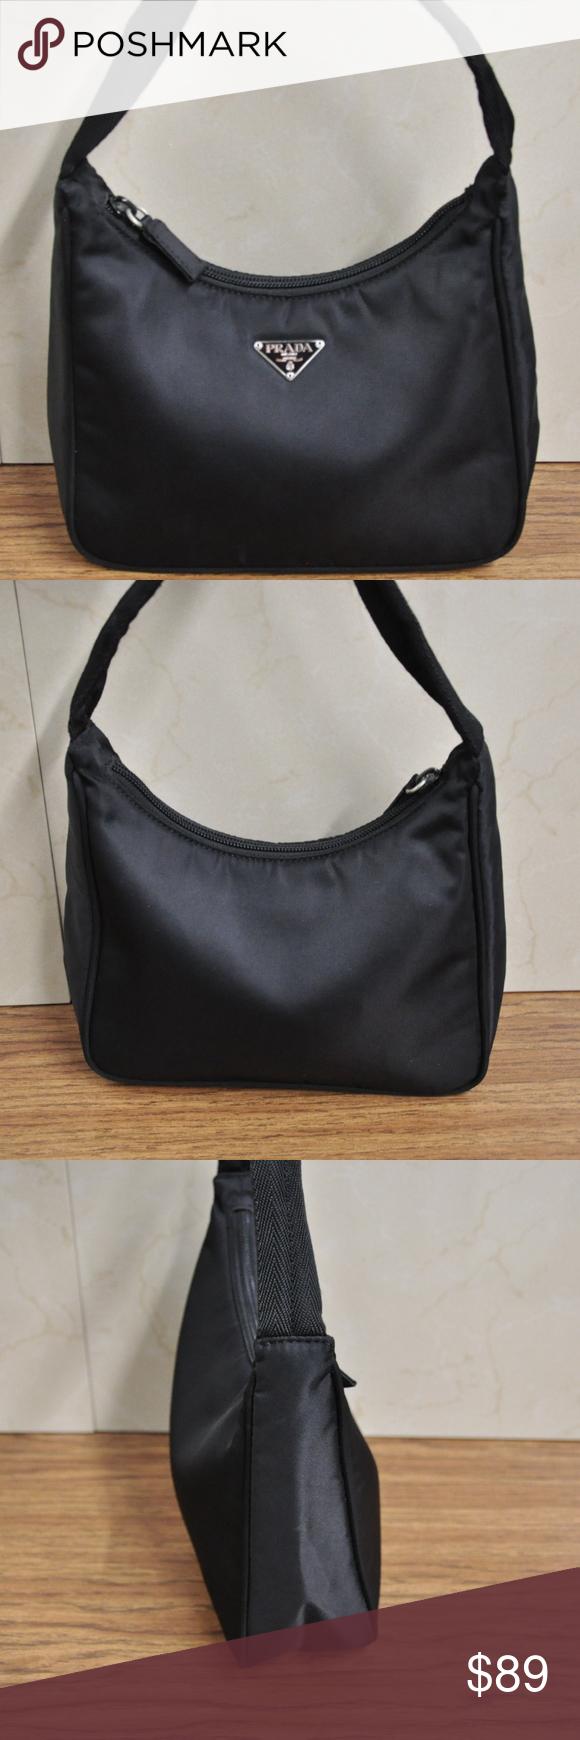 7594dd1e506b5e Prada Tesutto Black Nylon Top Handle Mini Bag AUTHENTIC Prada Tesutto Black  Nylon Top Handle Mini